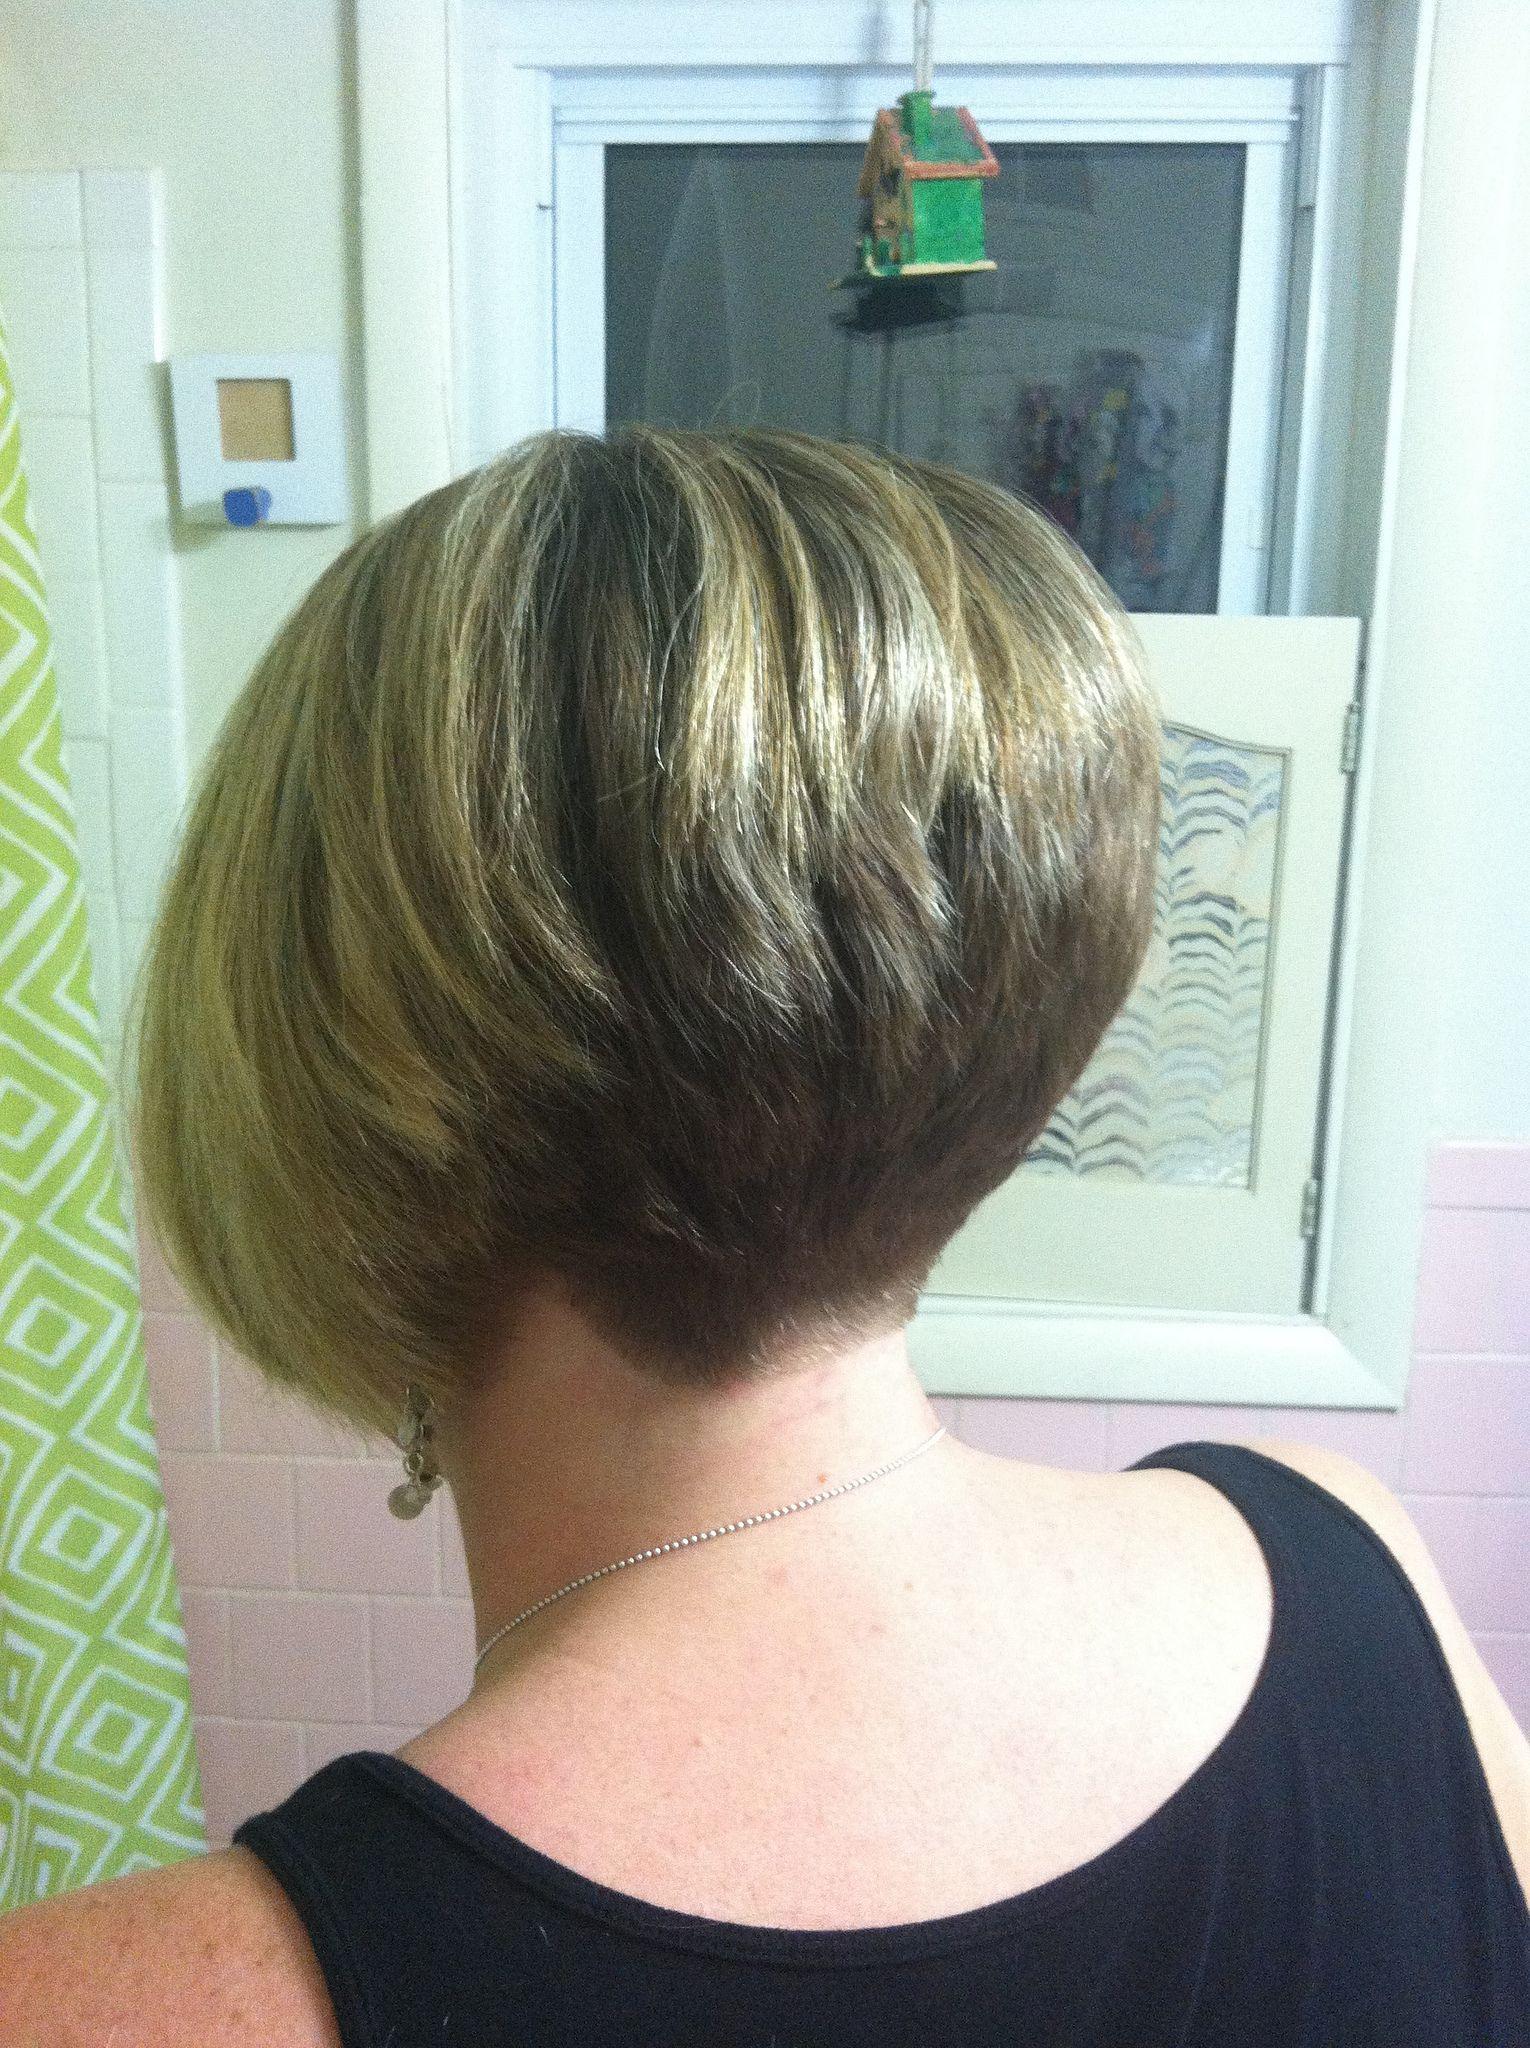 New wedge/bob haircut | Bobs | Pinterest | Bob Hairstyles, Hair ...